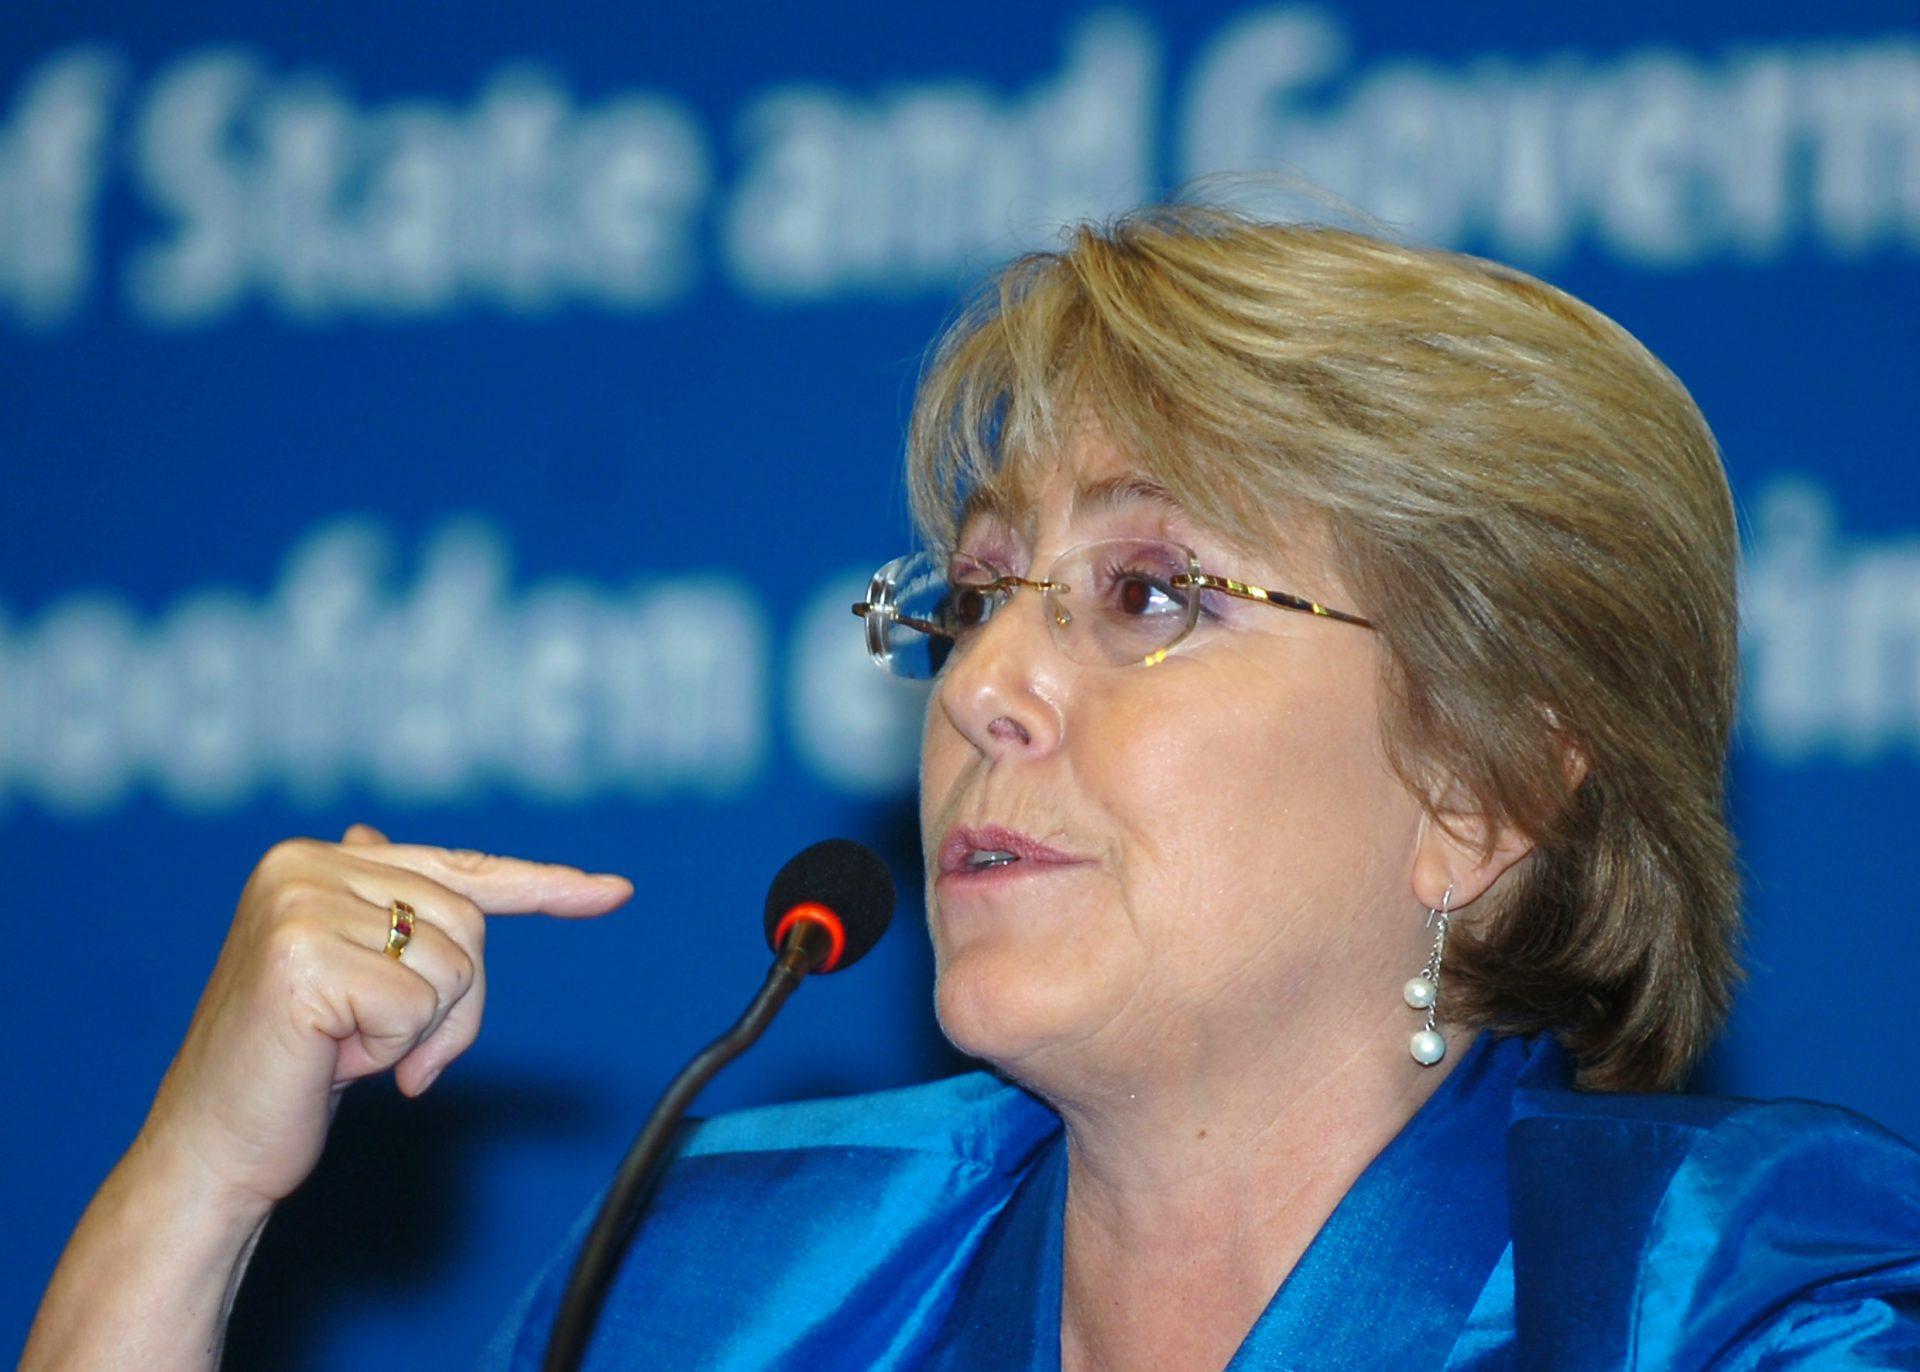 Die frühere Präsidentin Michelle Bachelet - Quelle: Wikimedia Commons/ Antônio Cruz/ABr – Agência Brasil/ CC BY 3.0 br, neue Verfassung, Referendum 2020 gegen Pinochet Verfassung